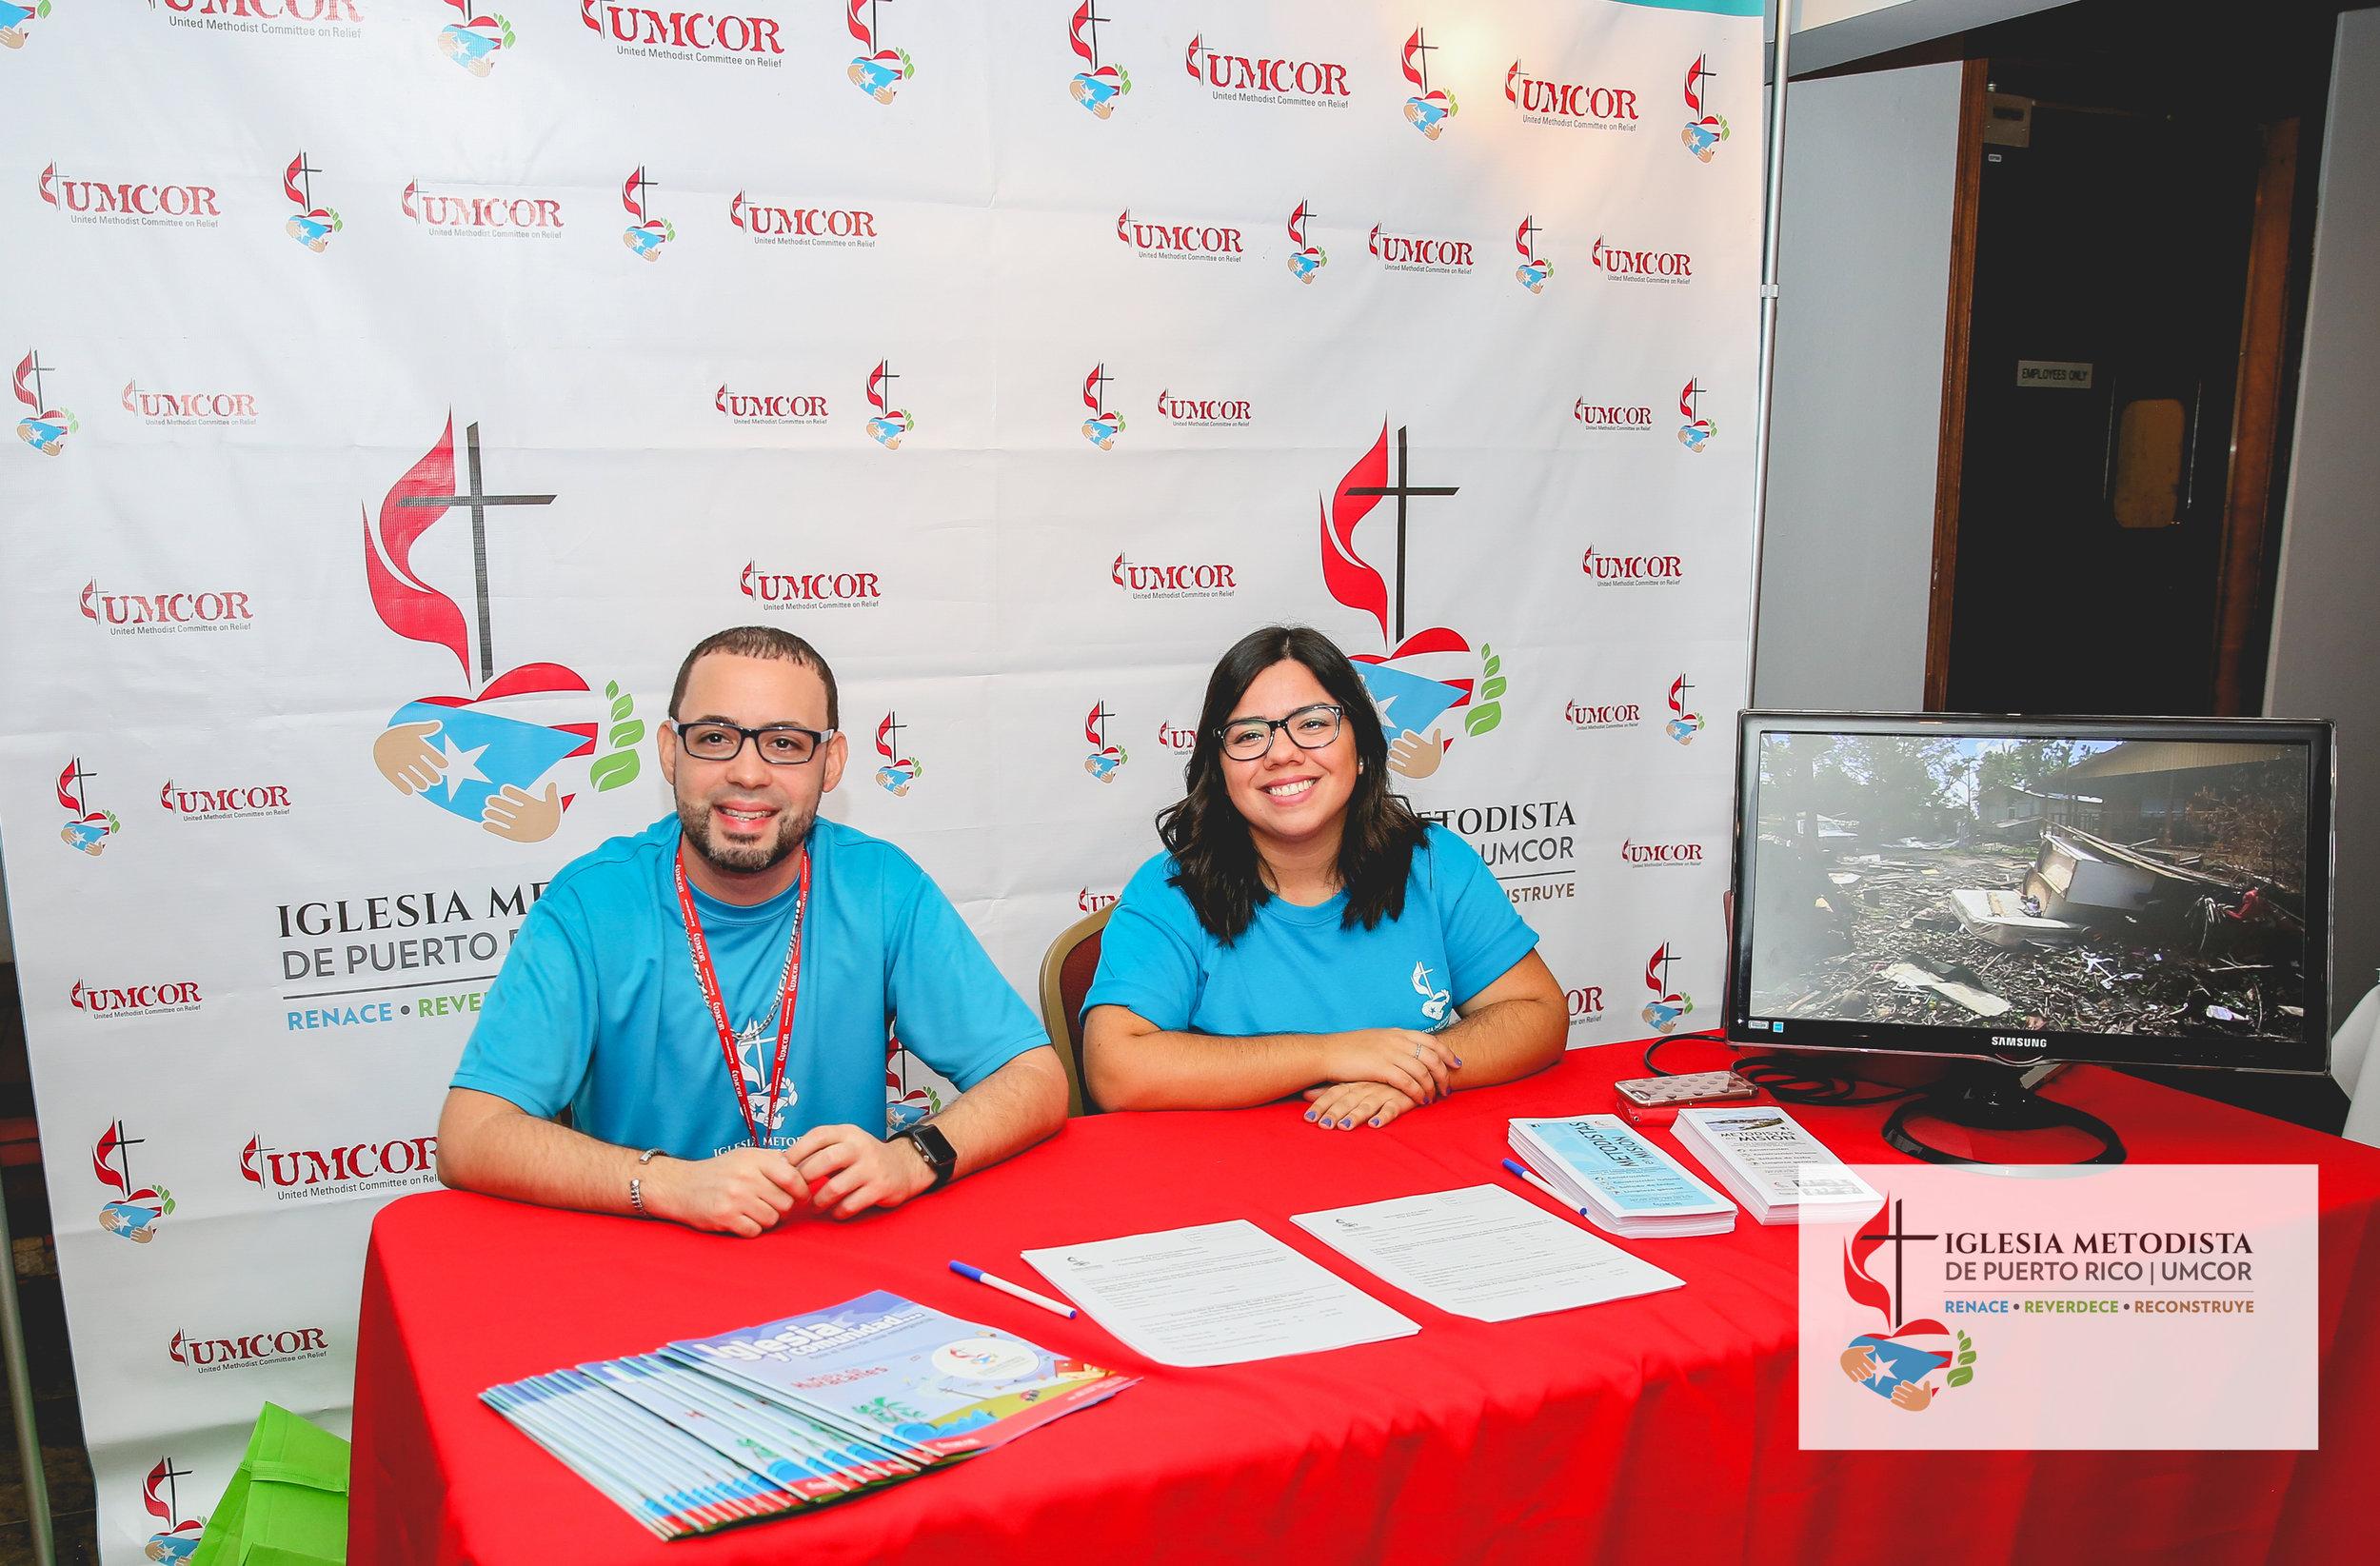 Fotos Album_Taller Iglesia y Comunidad-ESG55121.JPG